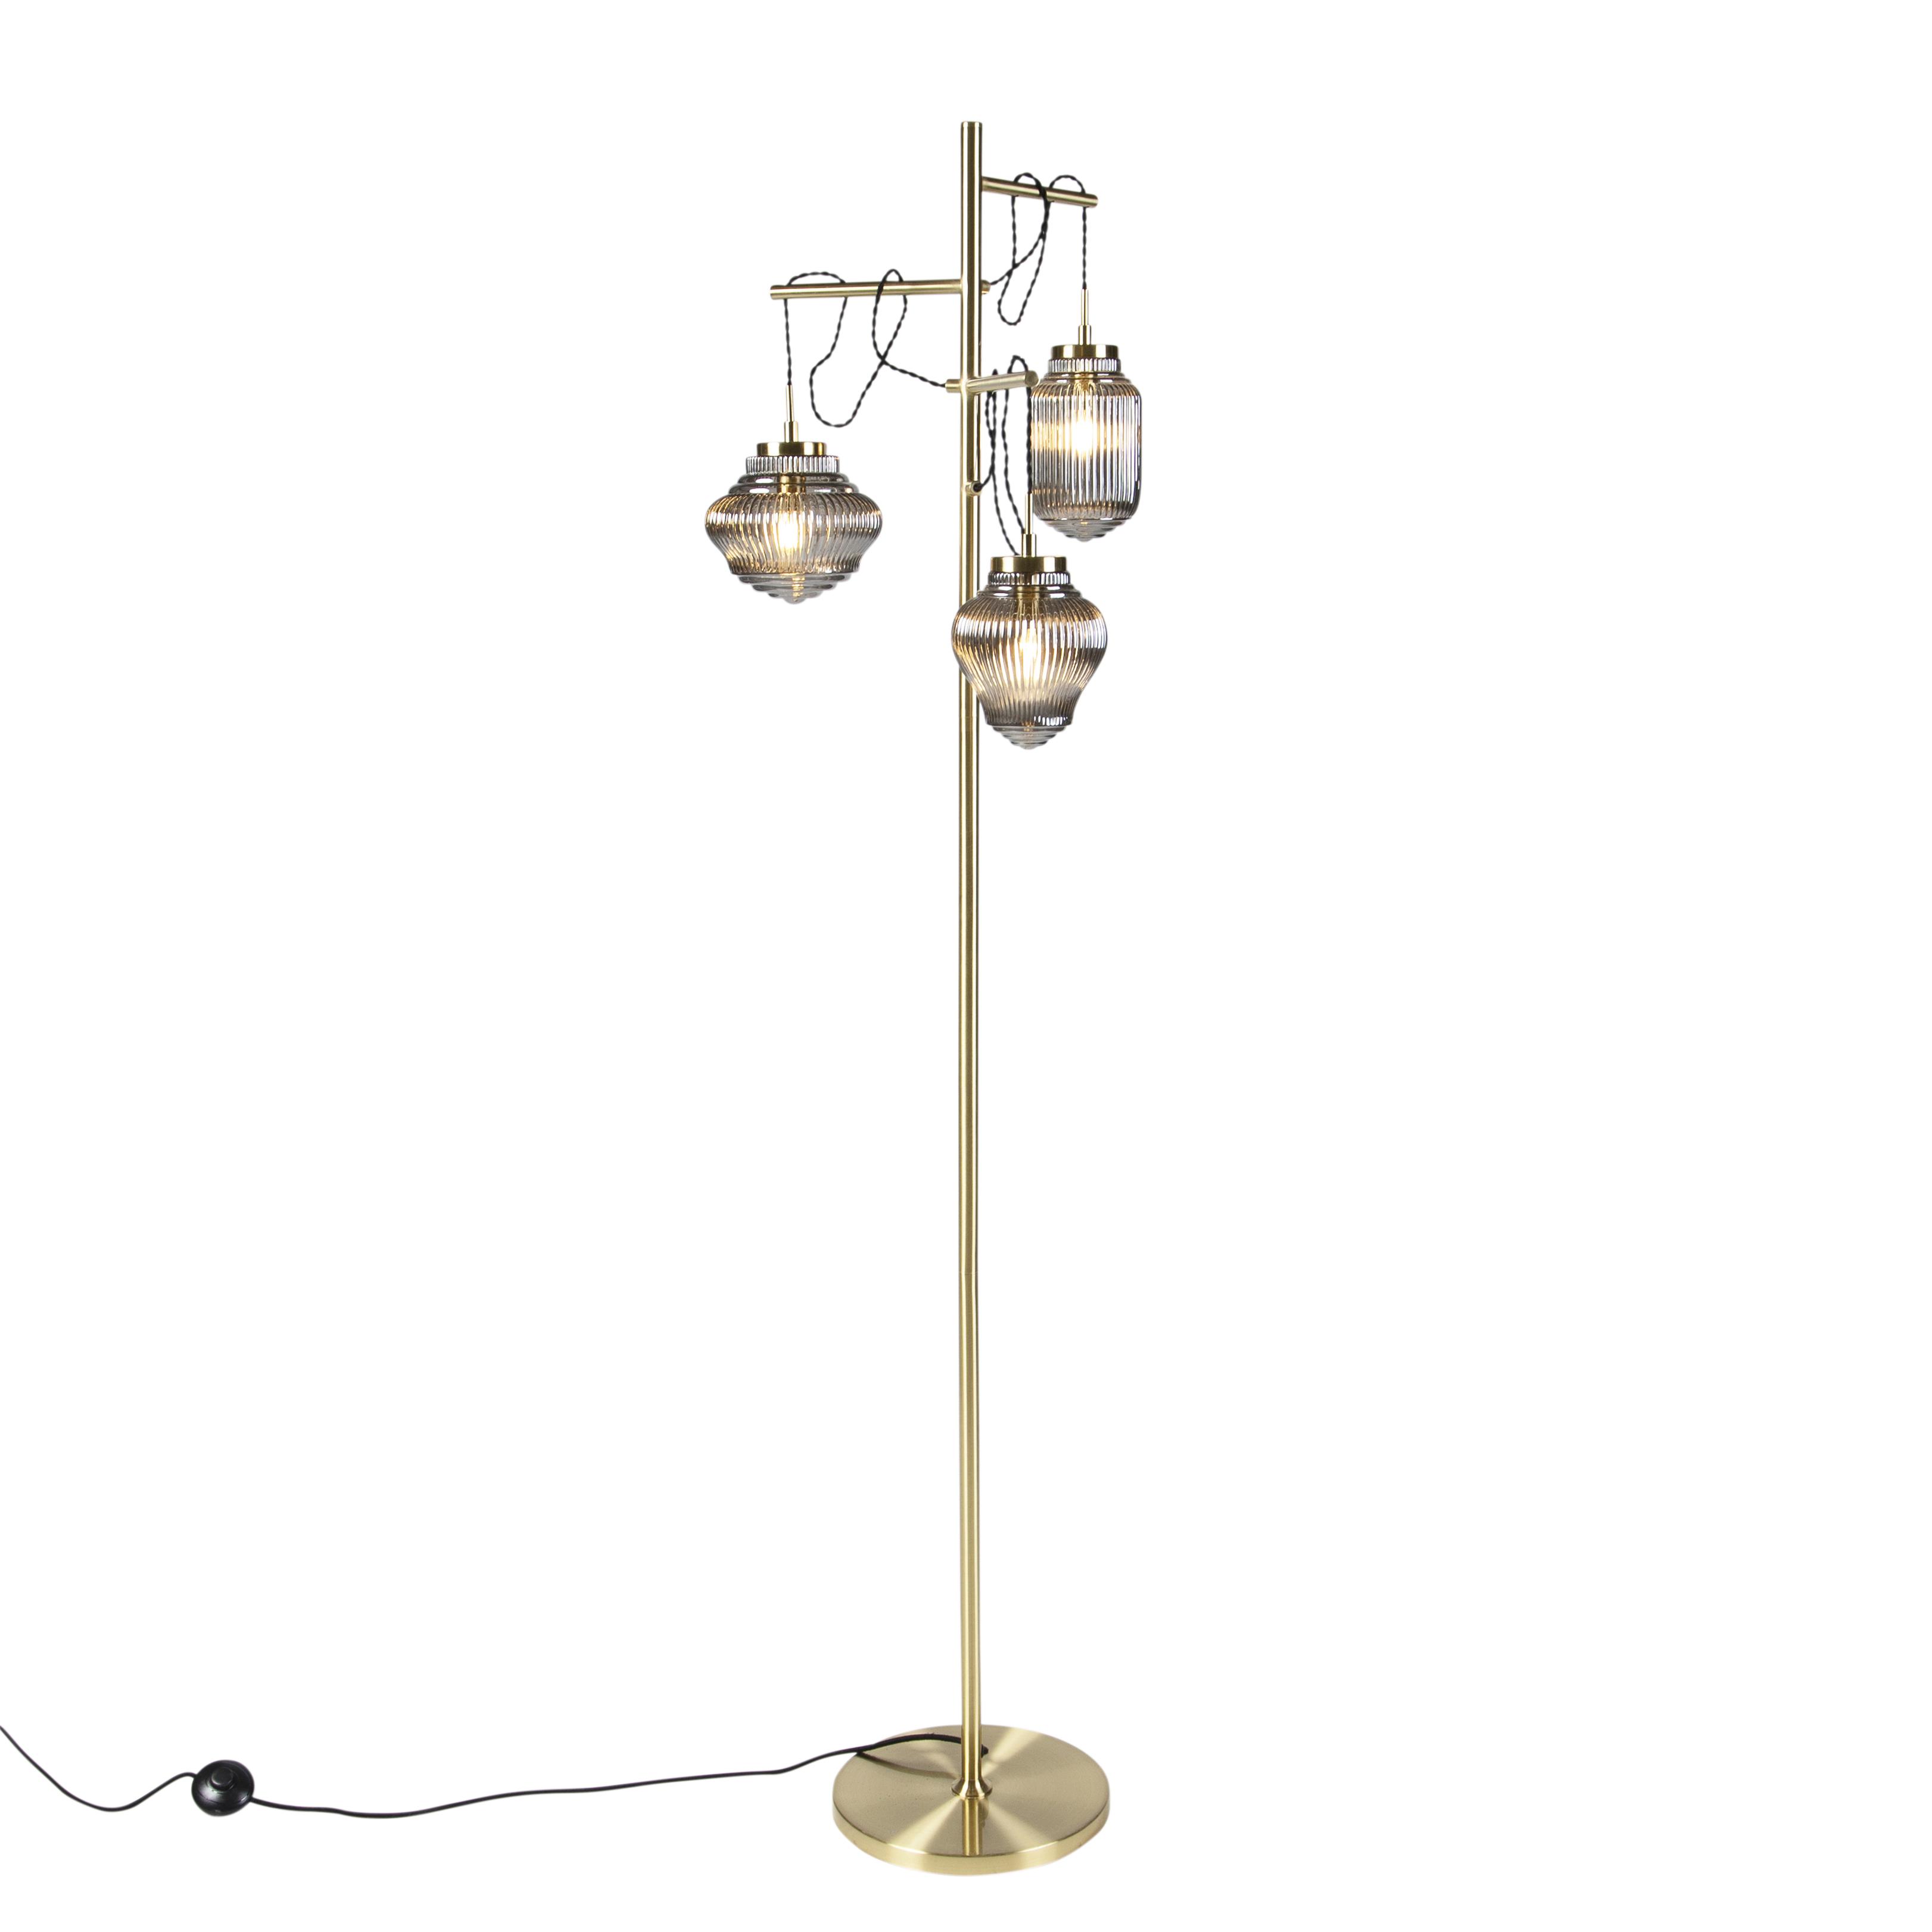 Obraz przedstawiający Art deco lampa podłogowa mosiądz z przydymionym szkłem 3-źródła światła - Bolsena Nowoczesny Oswietlenie wewnetrzne